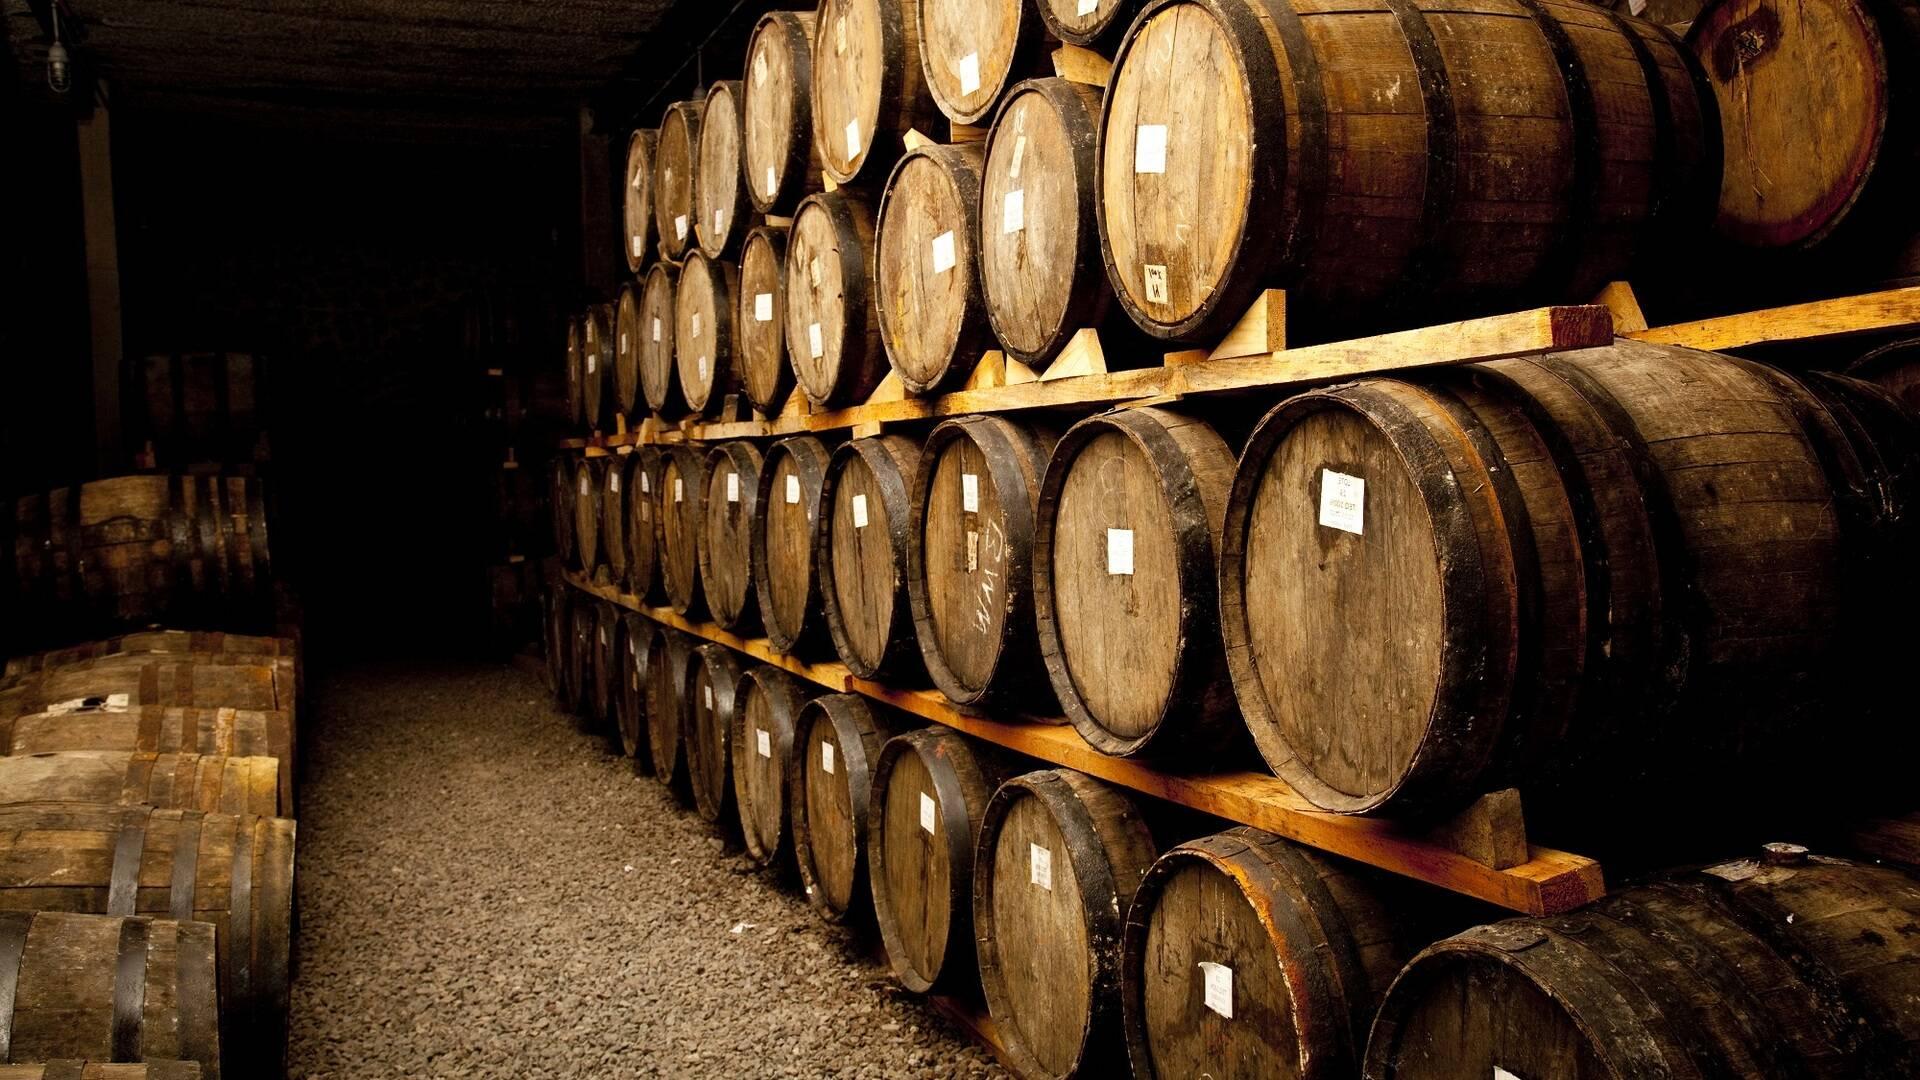 Intérieur d'un chai dans le pays du cognac - ©Shutterstock